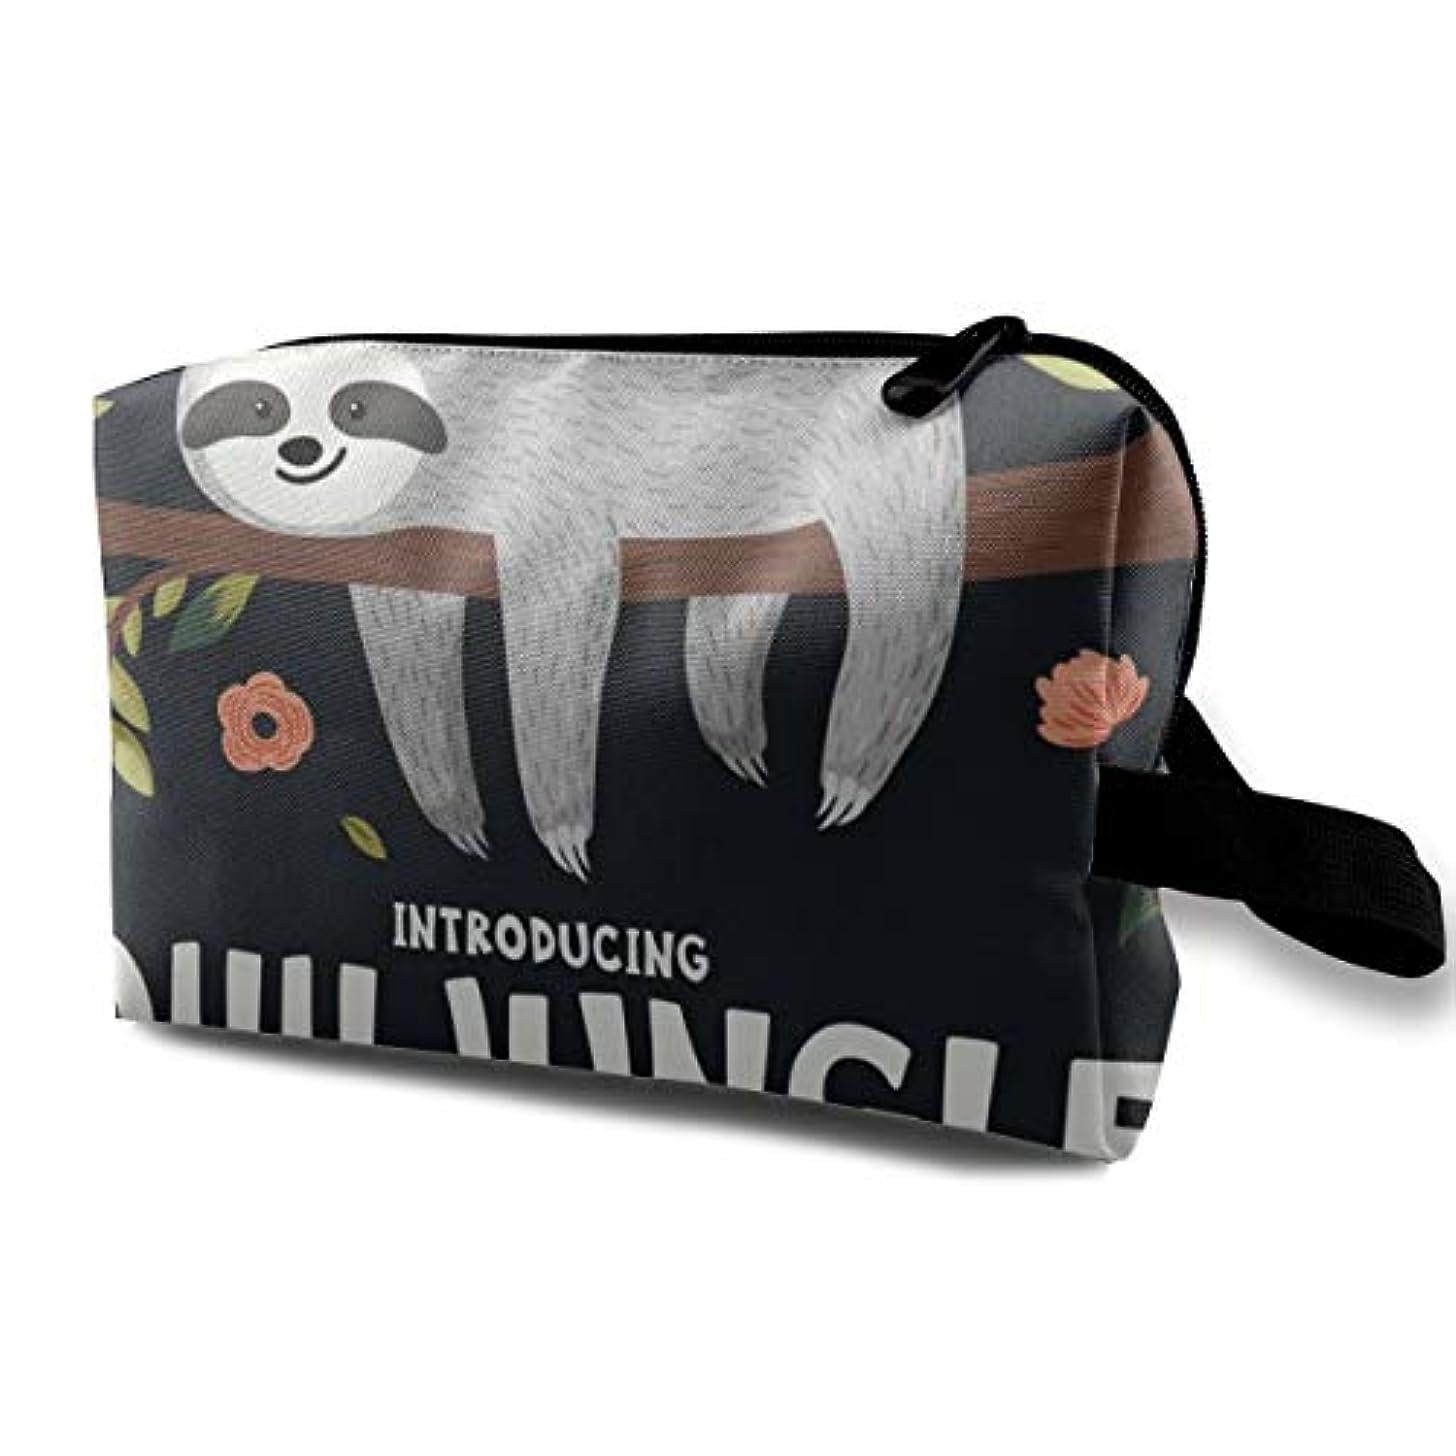 オーブンポゴスティックジャンププットCute Baby Sloth On The Tree 収納ポーチ 化粧ポーチ 大容量 軽量 耐久性 ハンドル付持ち運び便利。入れ 自宅?出張?旅行?アウトドア撮影などに対応。メンズ レディース トラベルグッズ